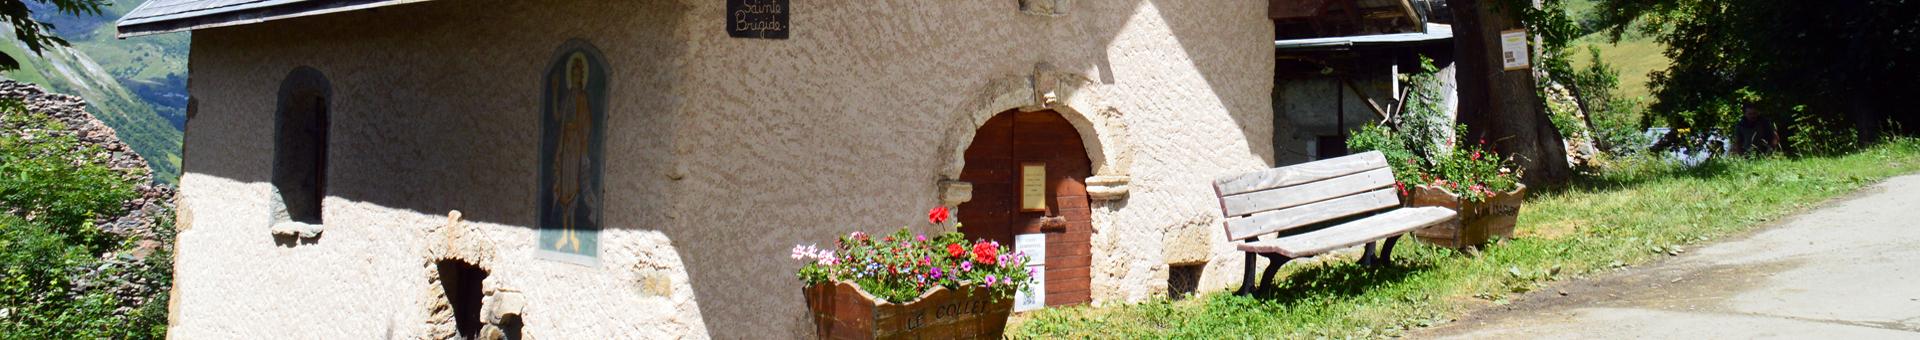 Eglises et chapelles dans les Arves